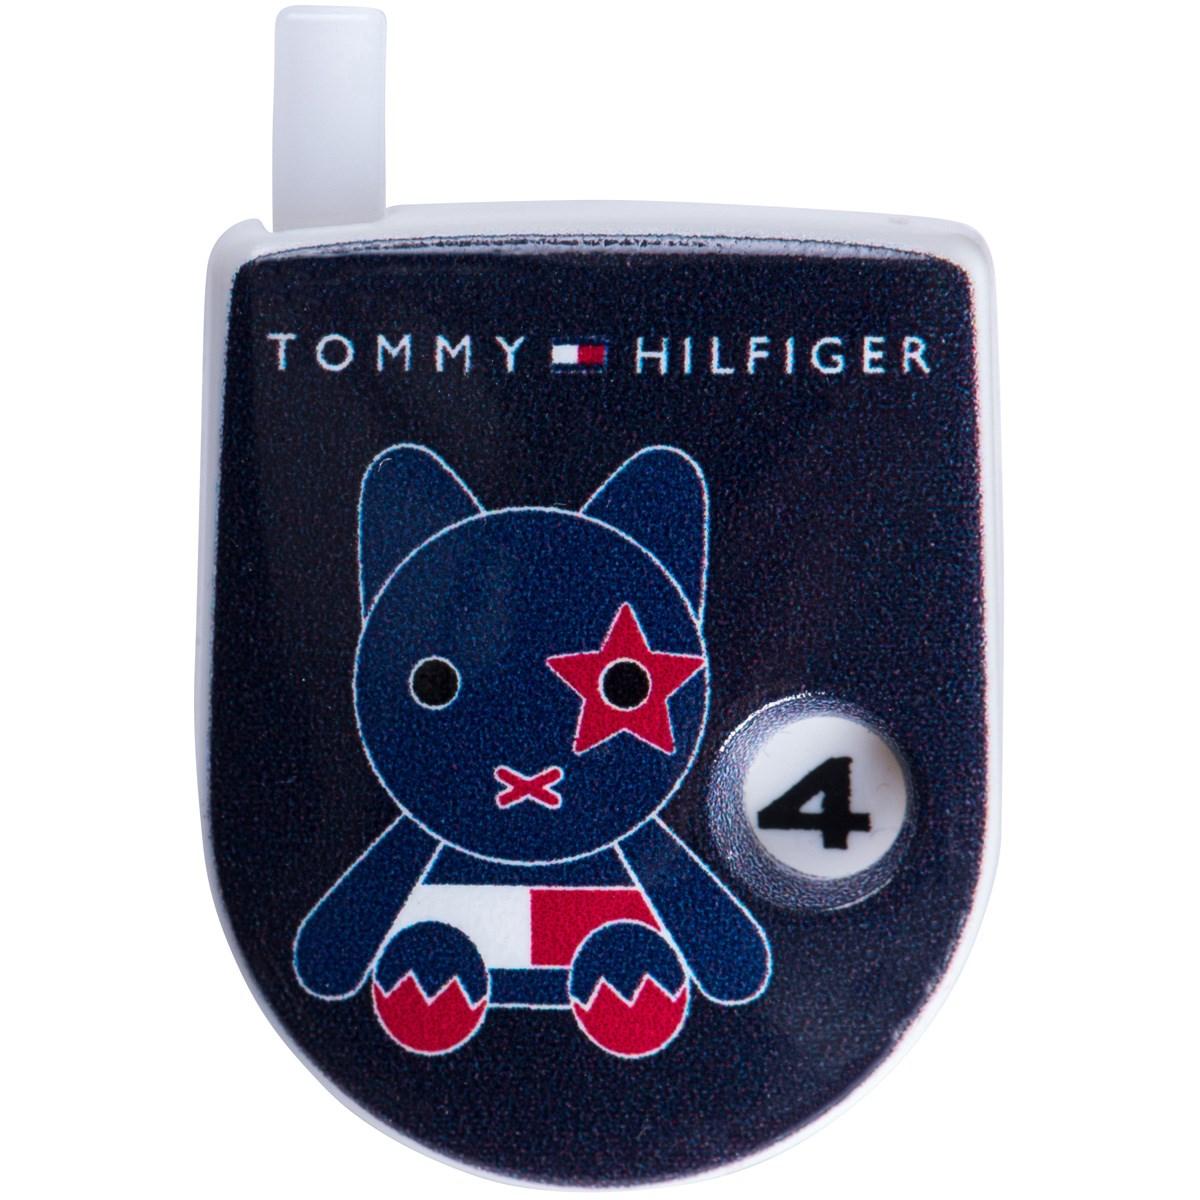 トミー ヒルフィガー ゴルフ TOMMY HILFIGER GOLF MASCOT カウンター ネイビー 30